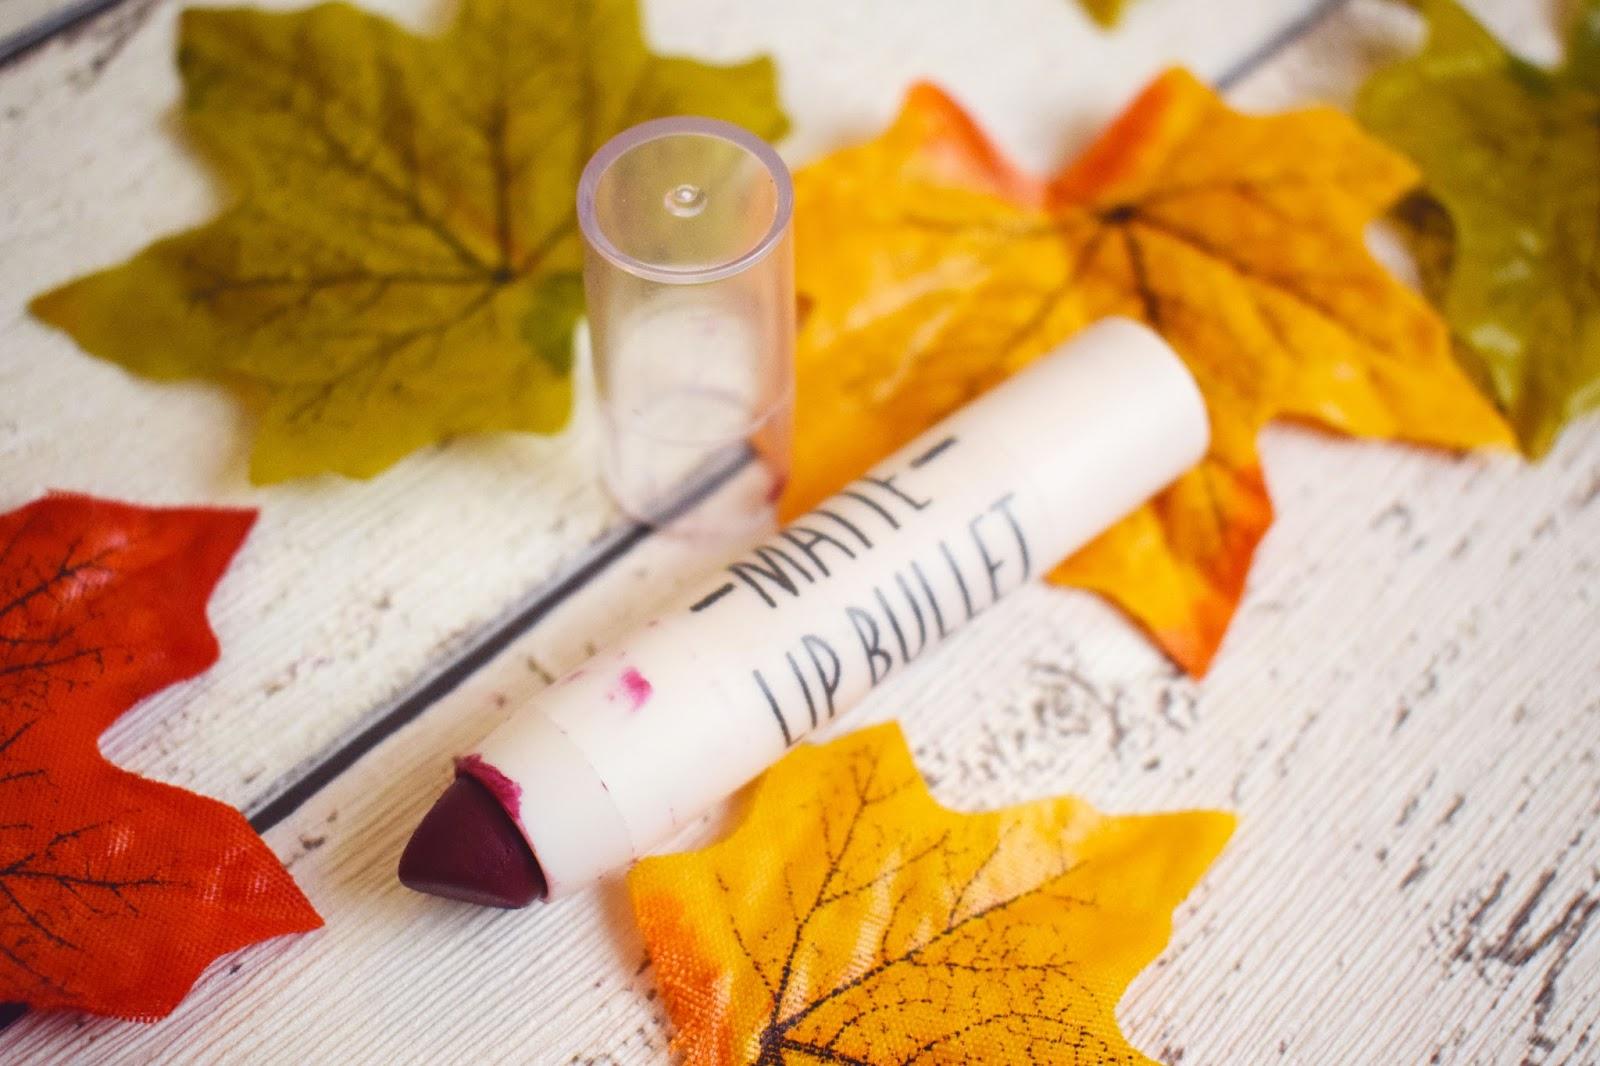 lebellelavie - Five Lipsticks I'm wearing for Autumn